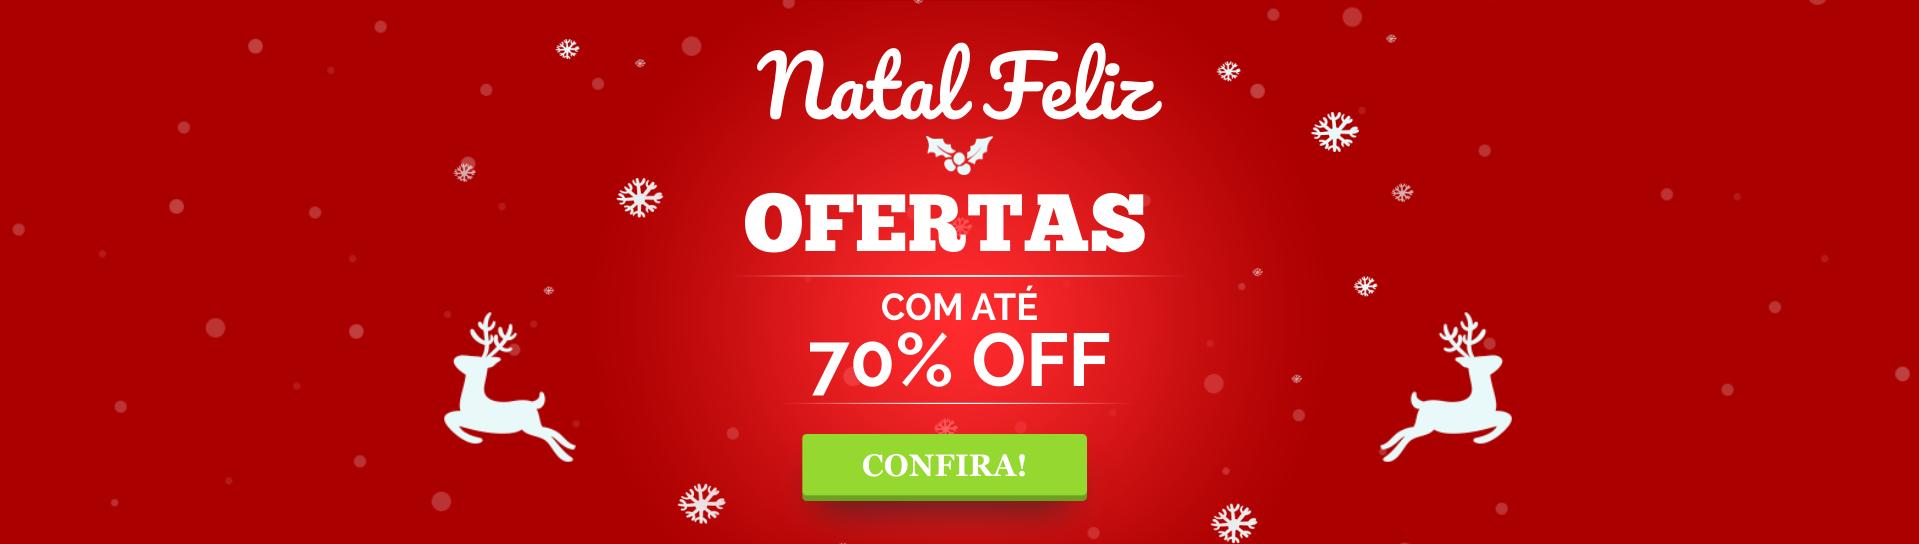 Natal Feliz com Presentes e Ofertas com até 70% de Desconto.